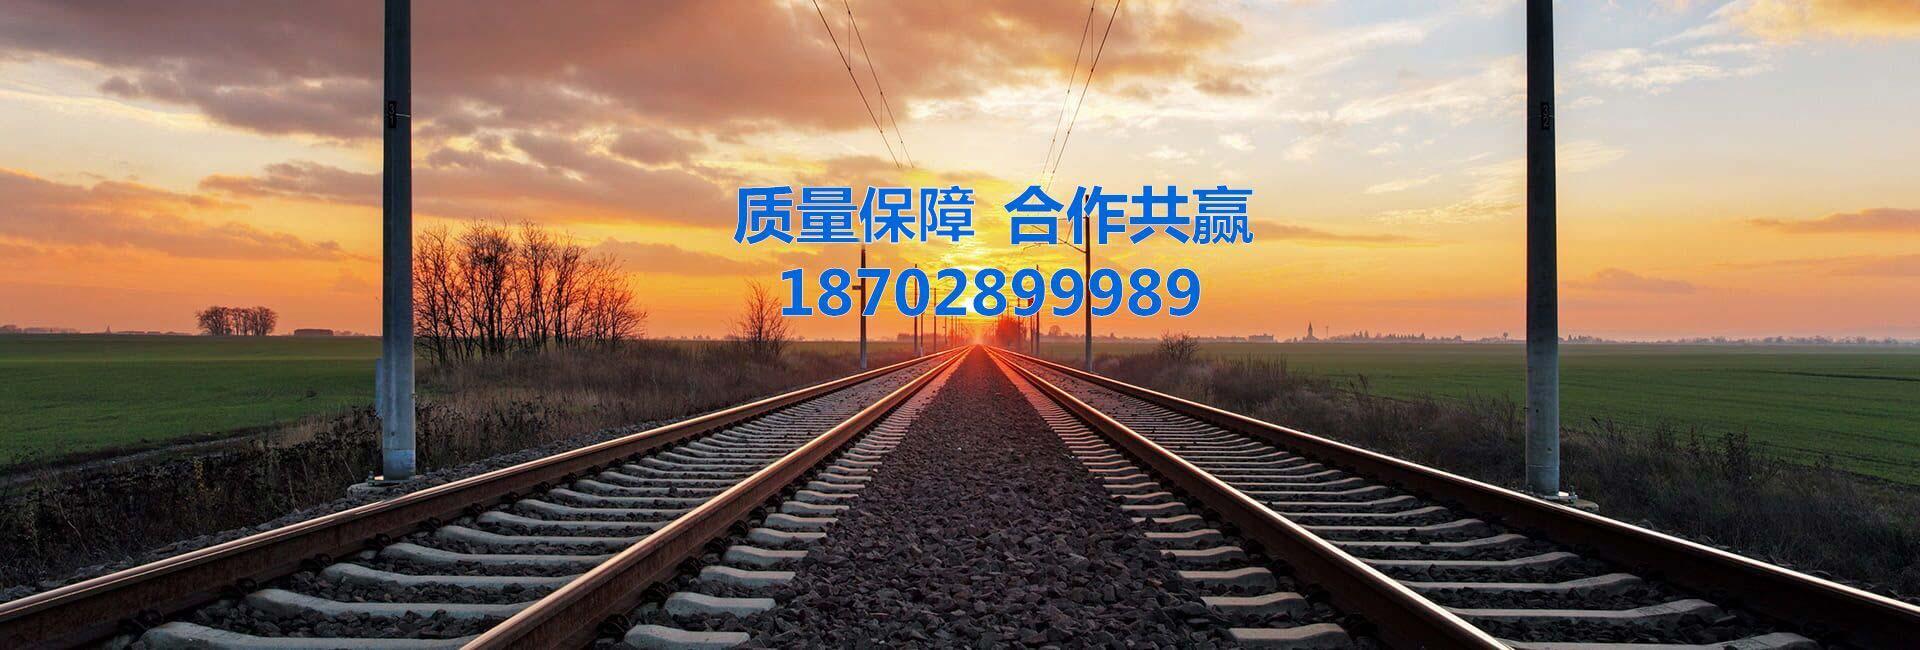 http://img.dlwjdh.com/upload/7936/210513/0c55a7a80a0ff9808105ccad550bef38@1920X650.jpg